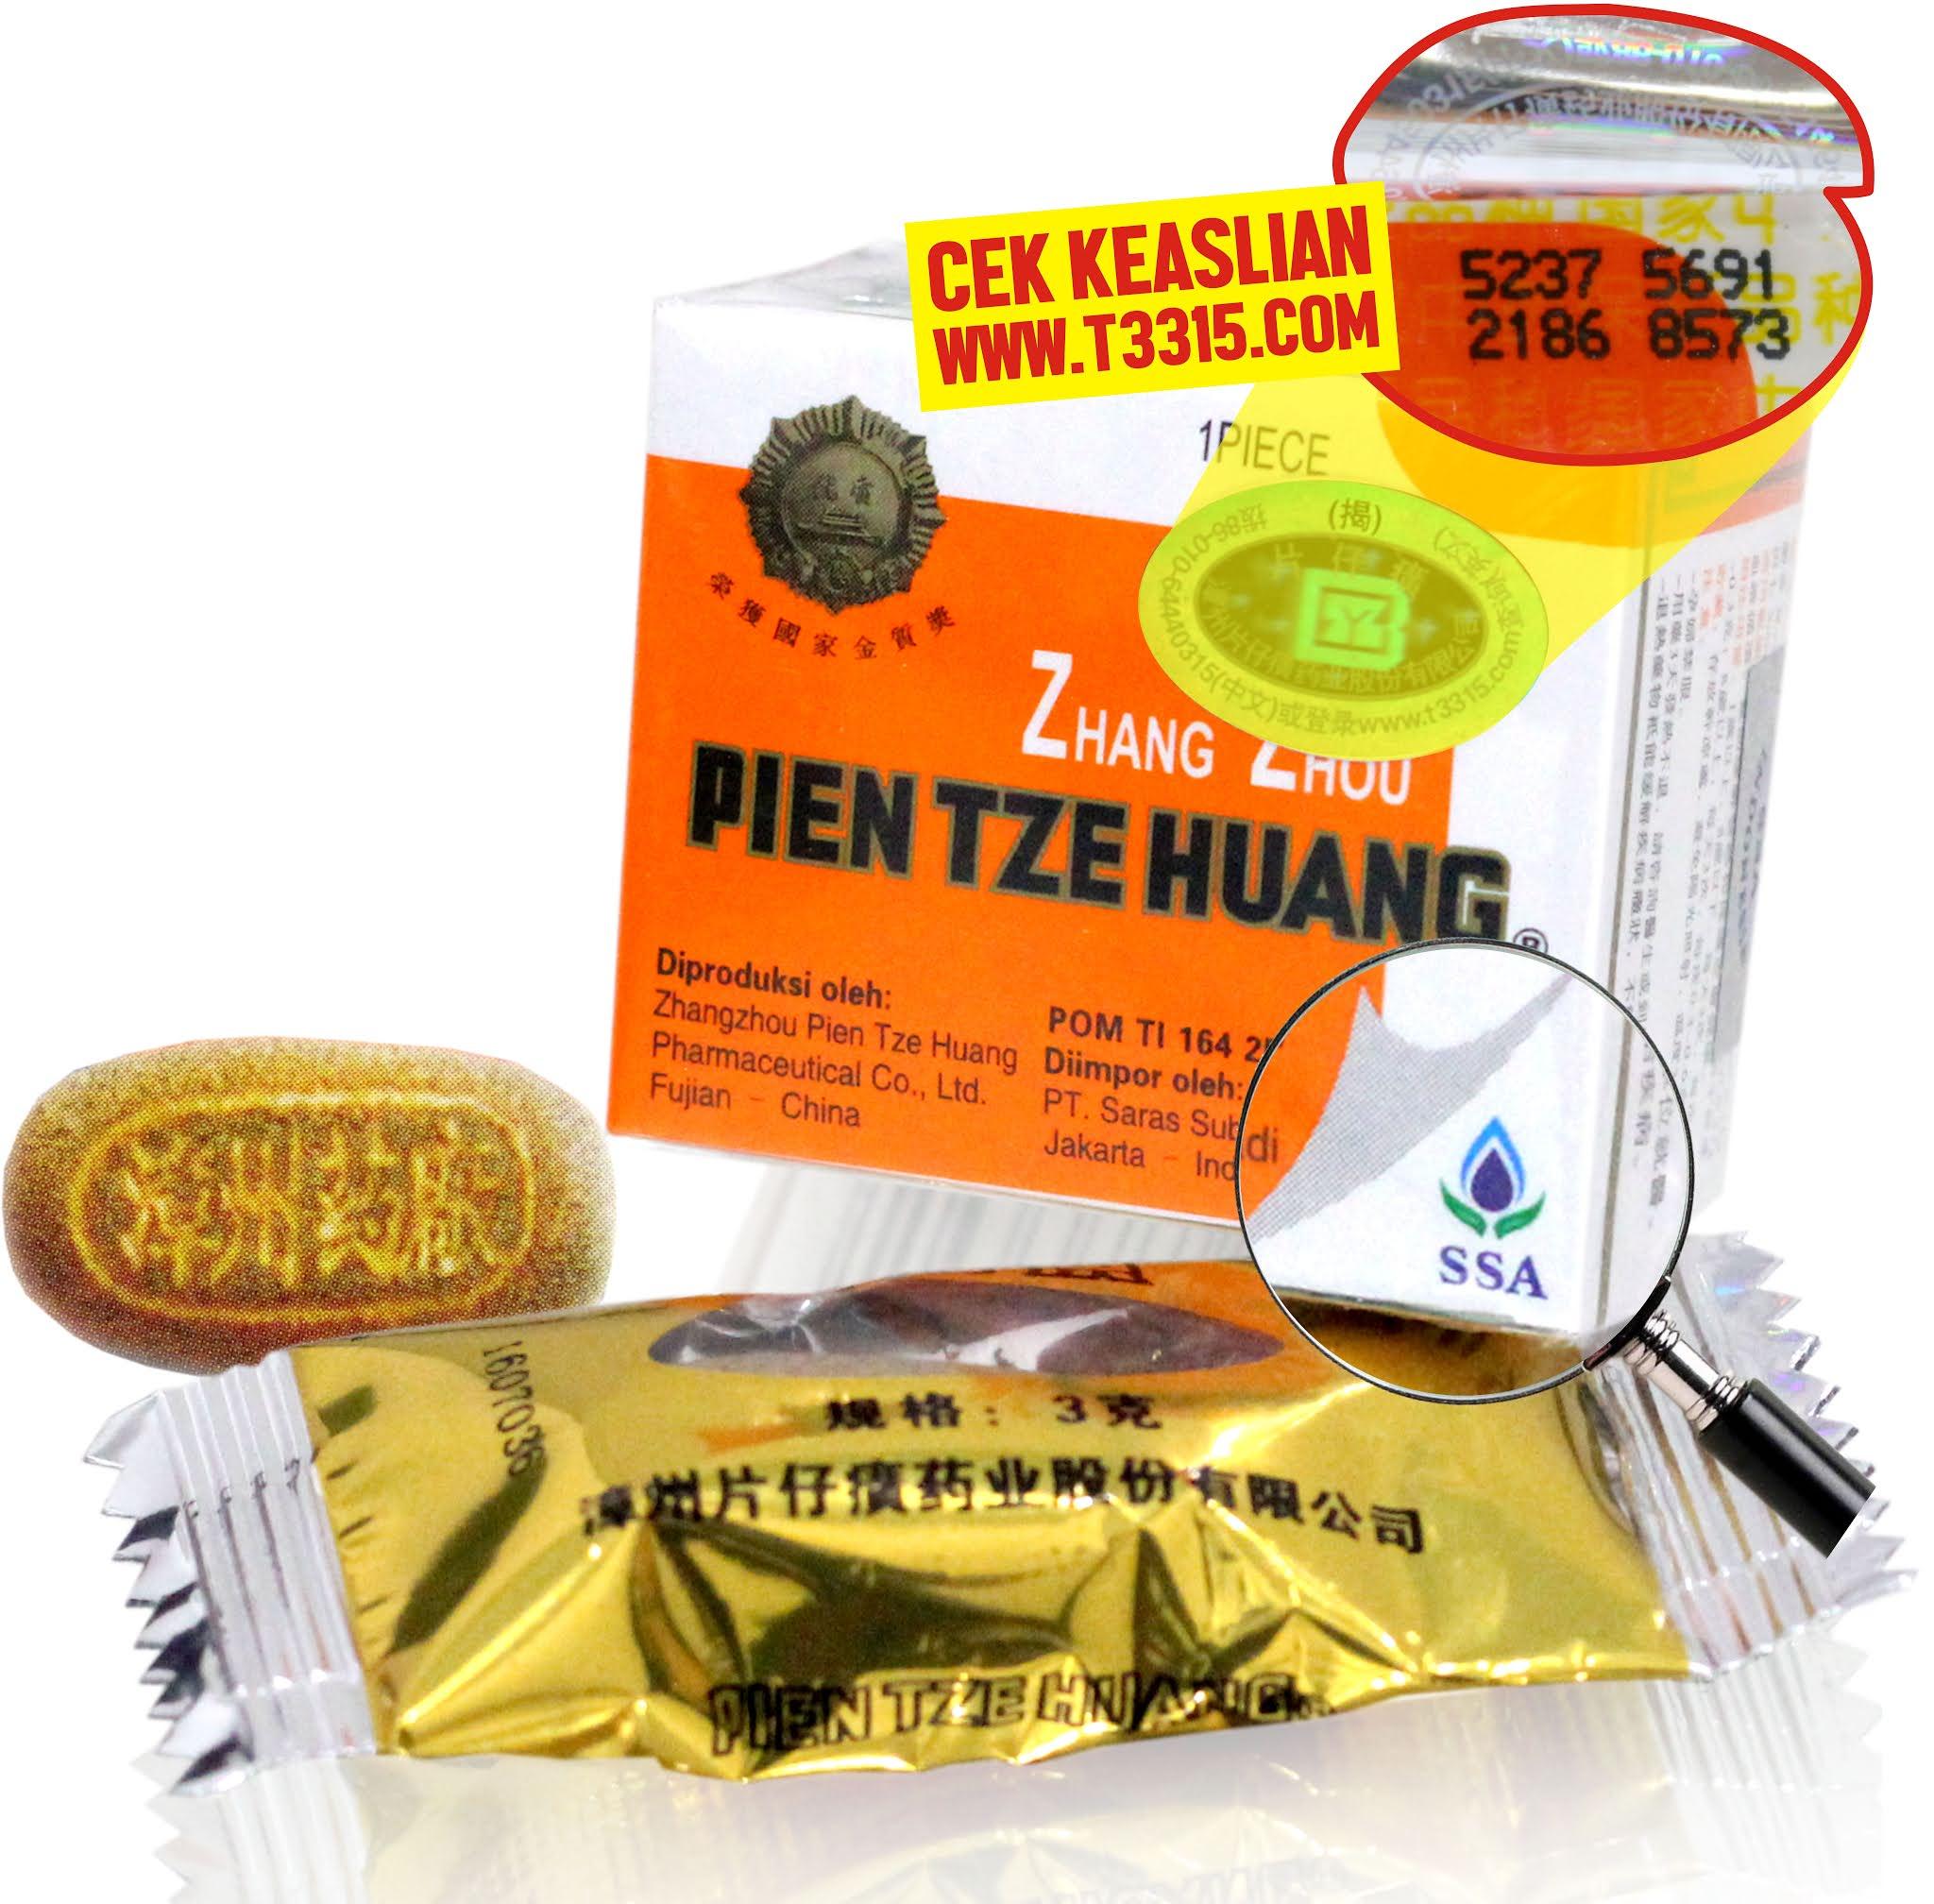 Pien Tze Huang